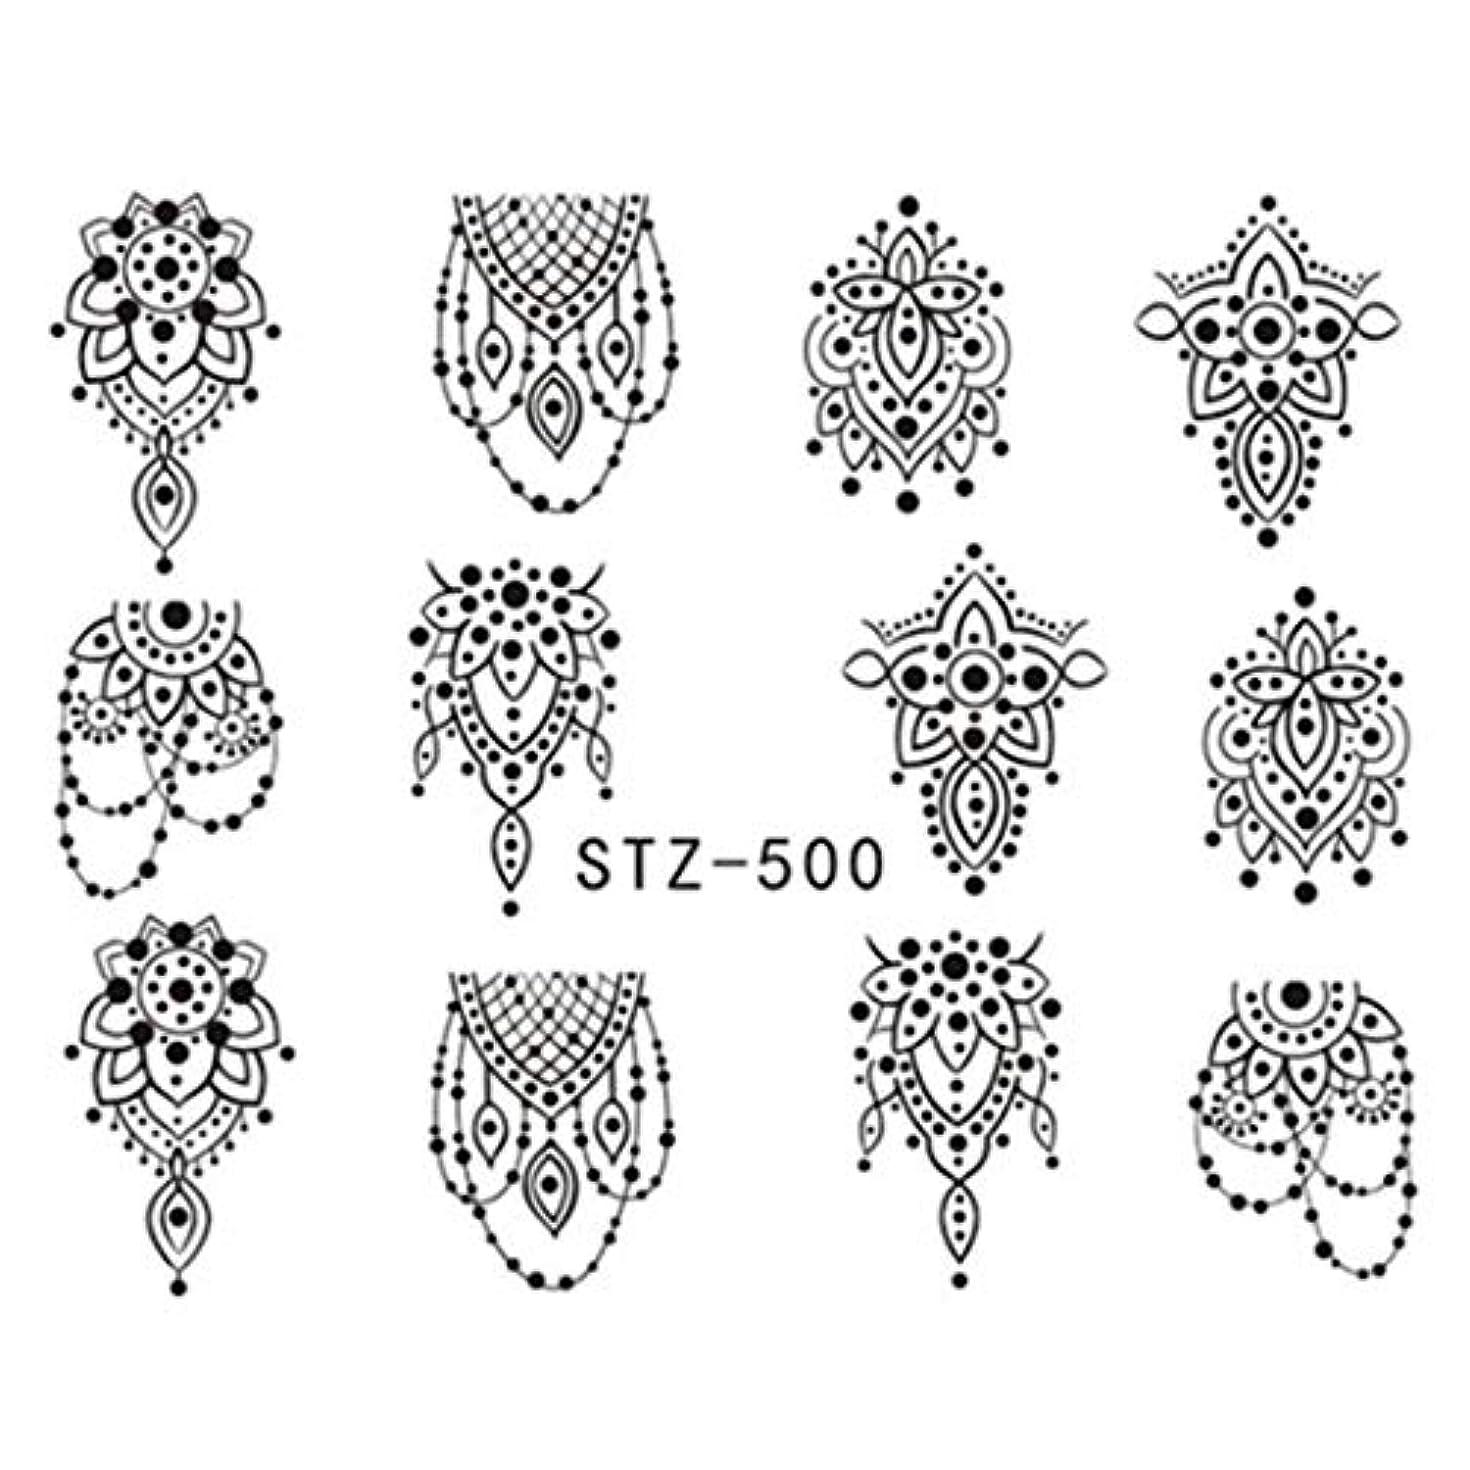 保護集計契約するWadachikis フランスのフランスのアートネックレスの装飾パターンアップリケ(None STZ500)